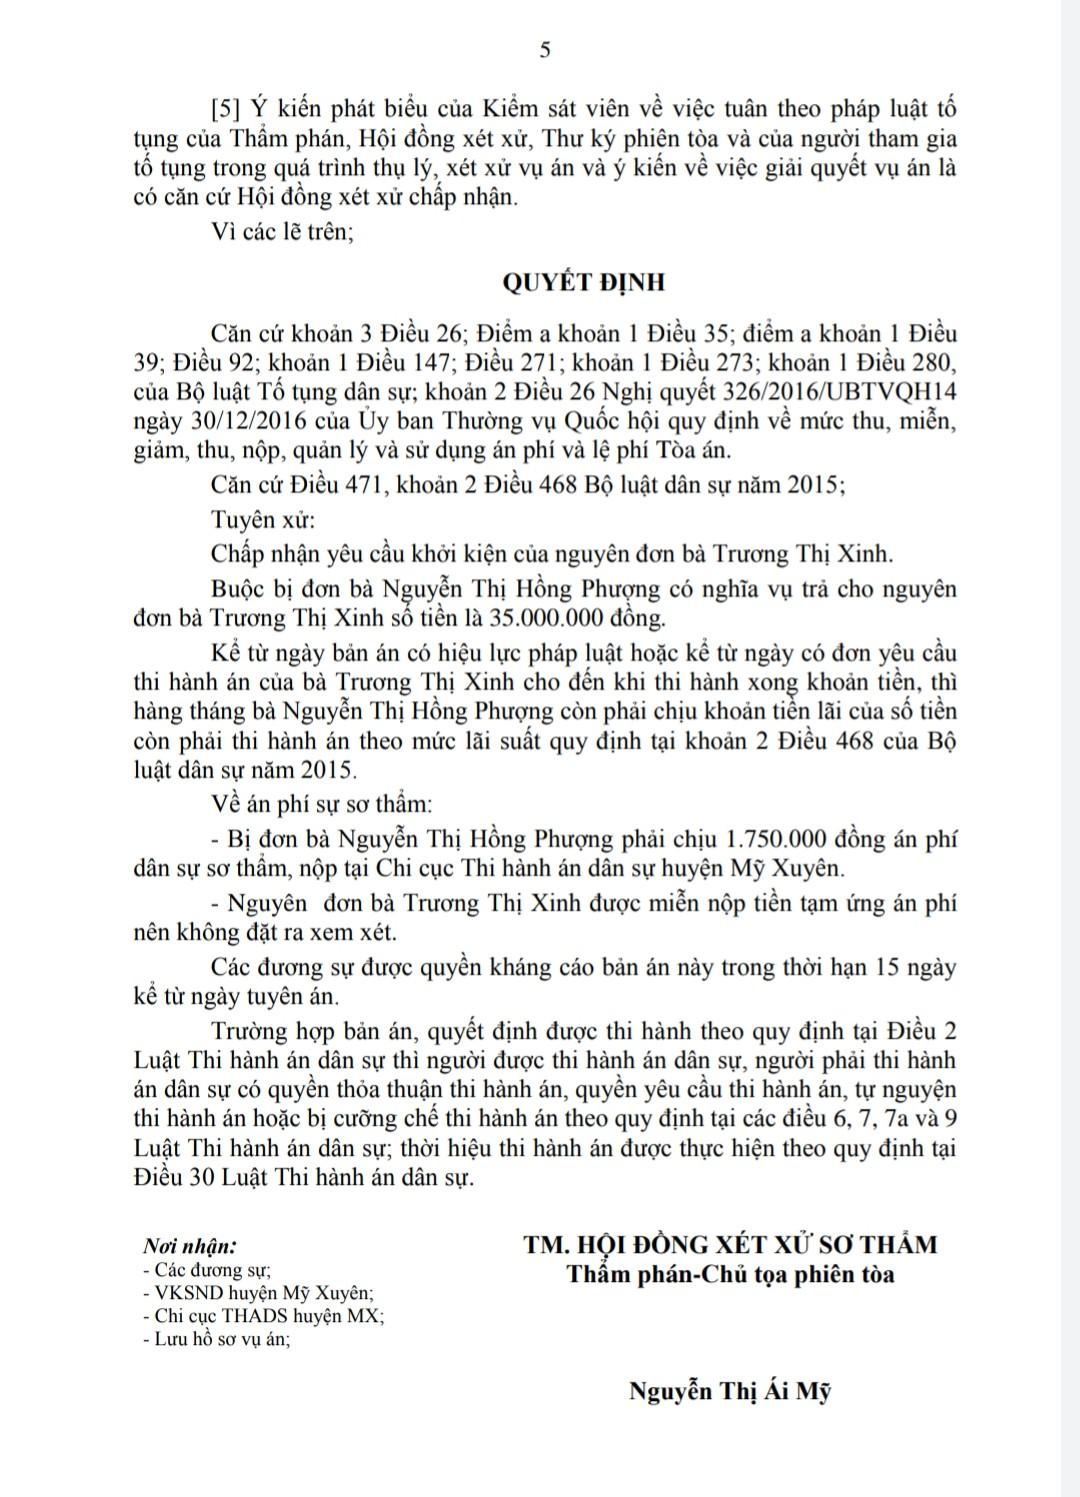 HUIIJ 5 - TRANH CHẤP HỤI - BẢN ÁN THỰC TẾ TẠI SÓC TRĂNG